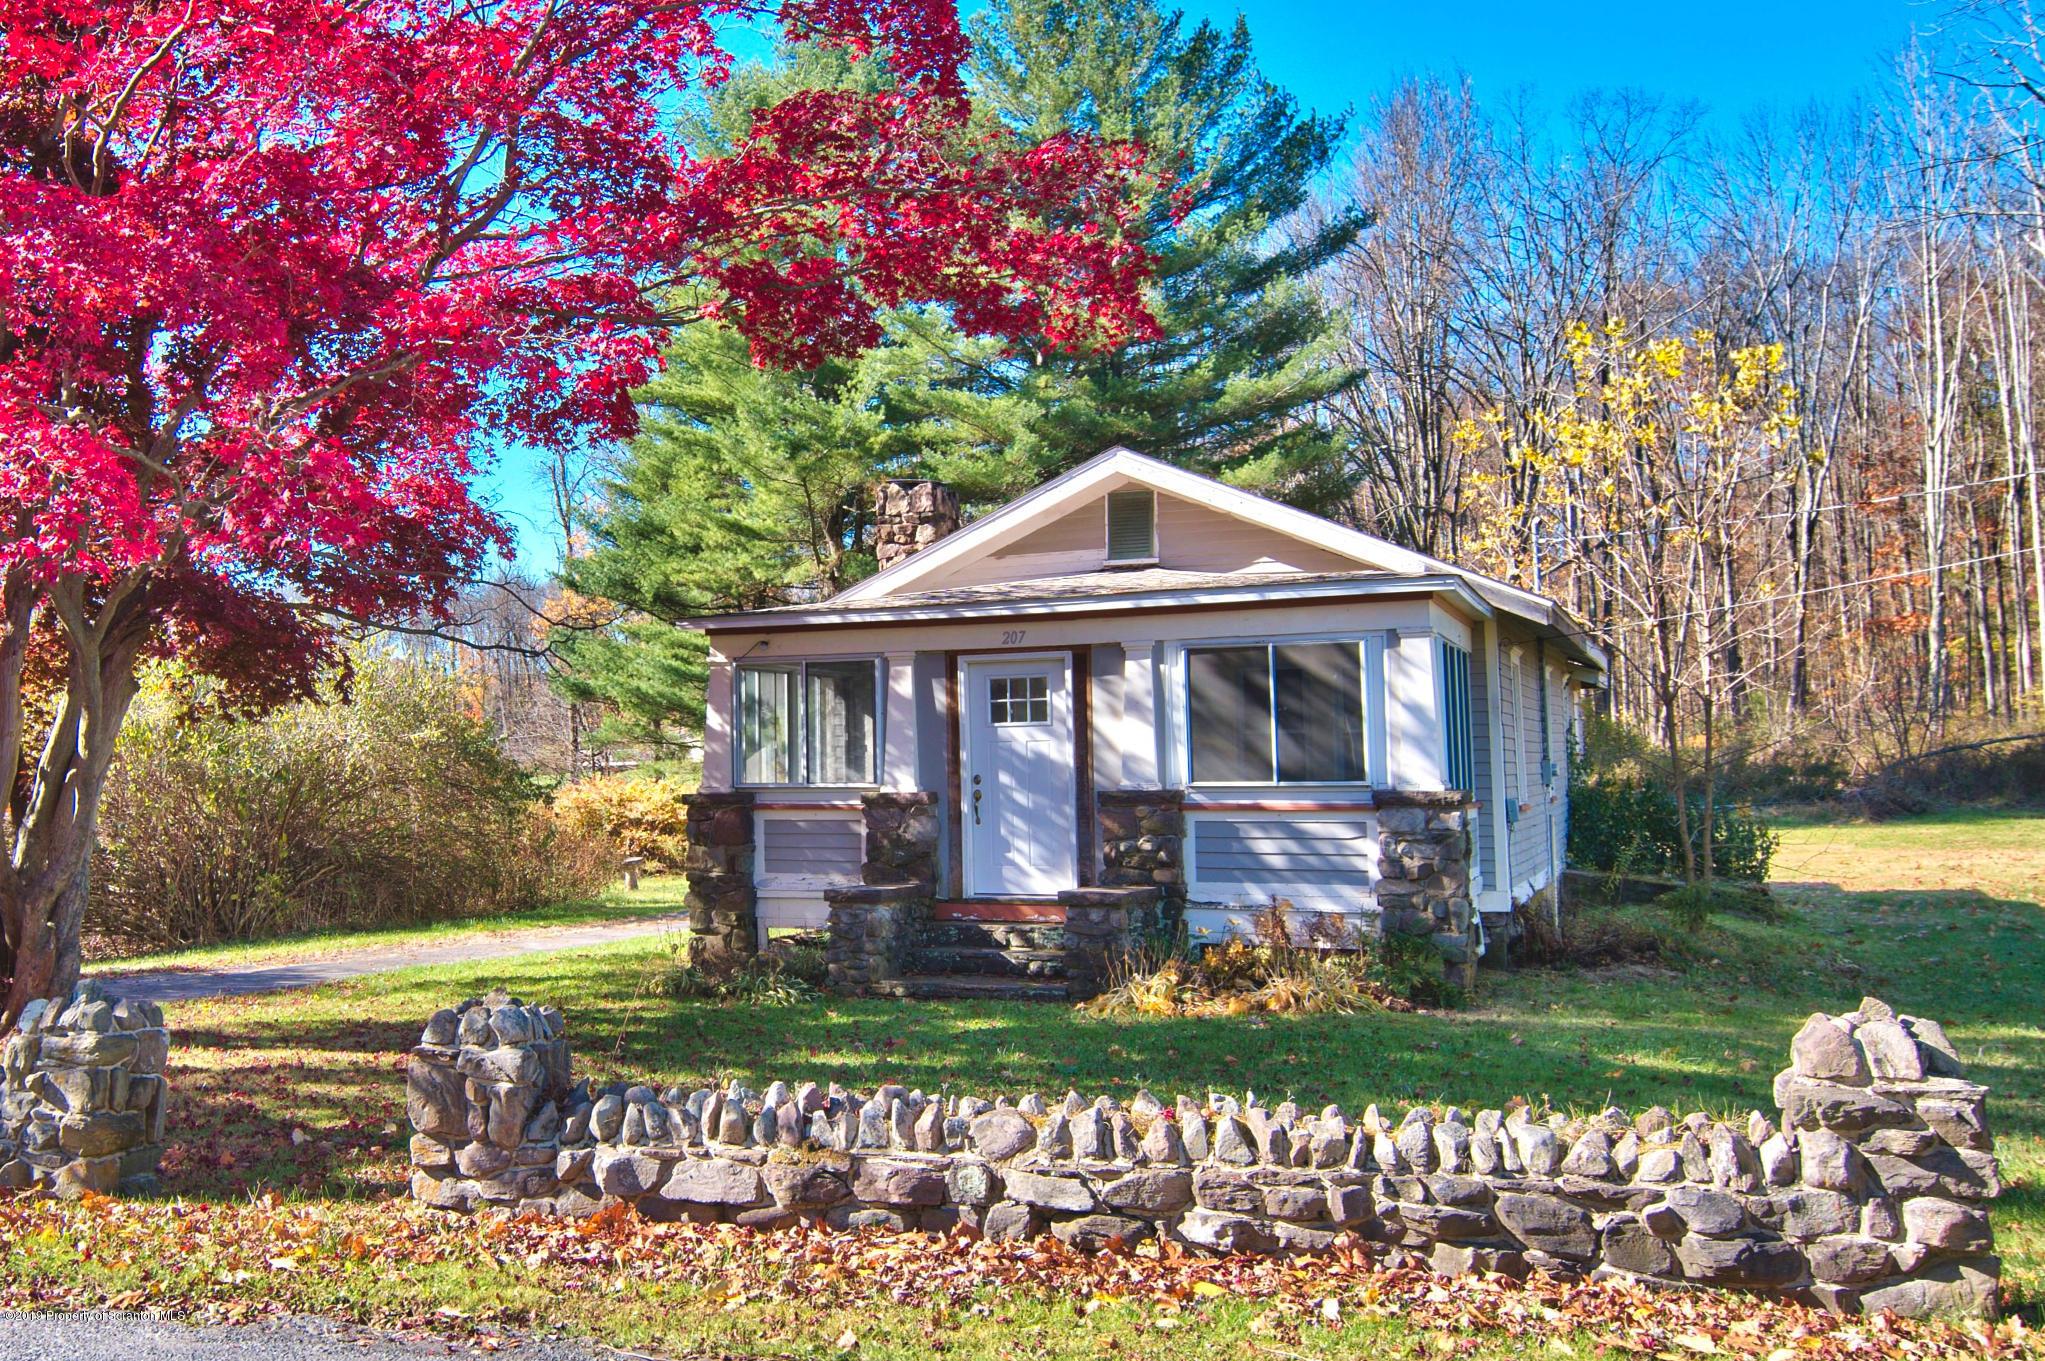 207 Buckwheat Hollow Rd, Harveys Lake, Pennsylvania 18618, 3 Bedrooms Bedrooms, 6 Rooms Rooms,1 BathroomBathrooms,Single Family,For Sale,Buckwheat Hollow,19-5156